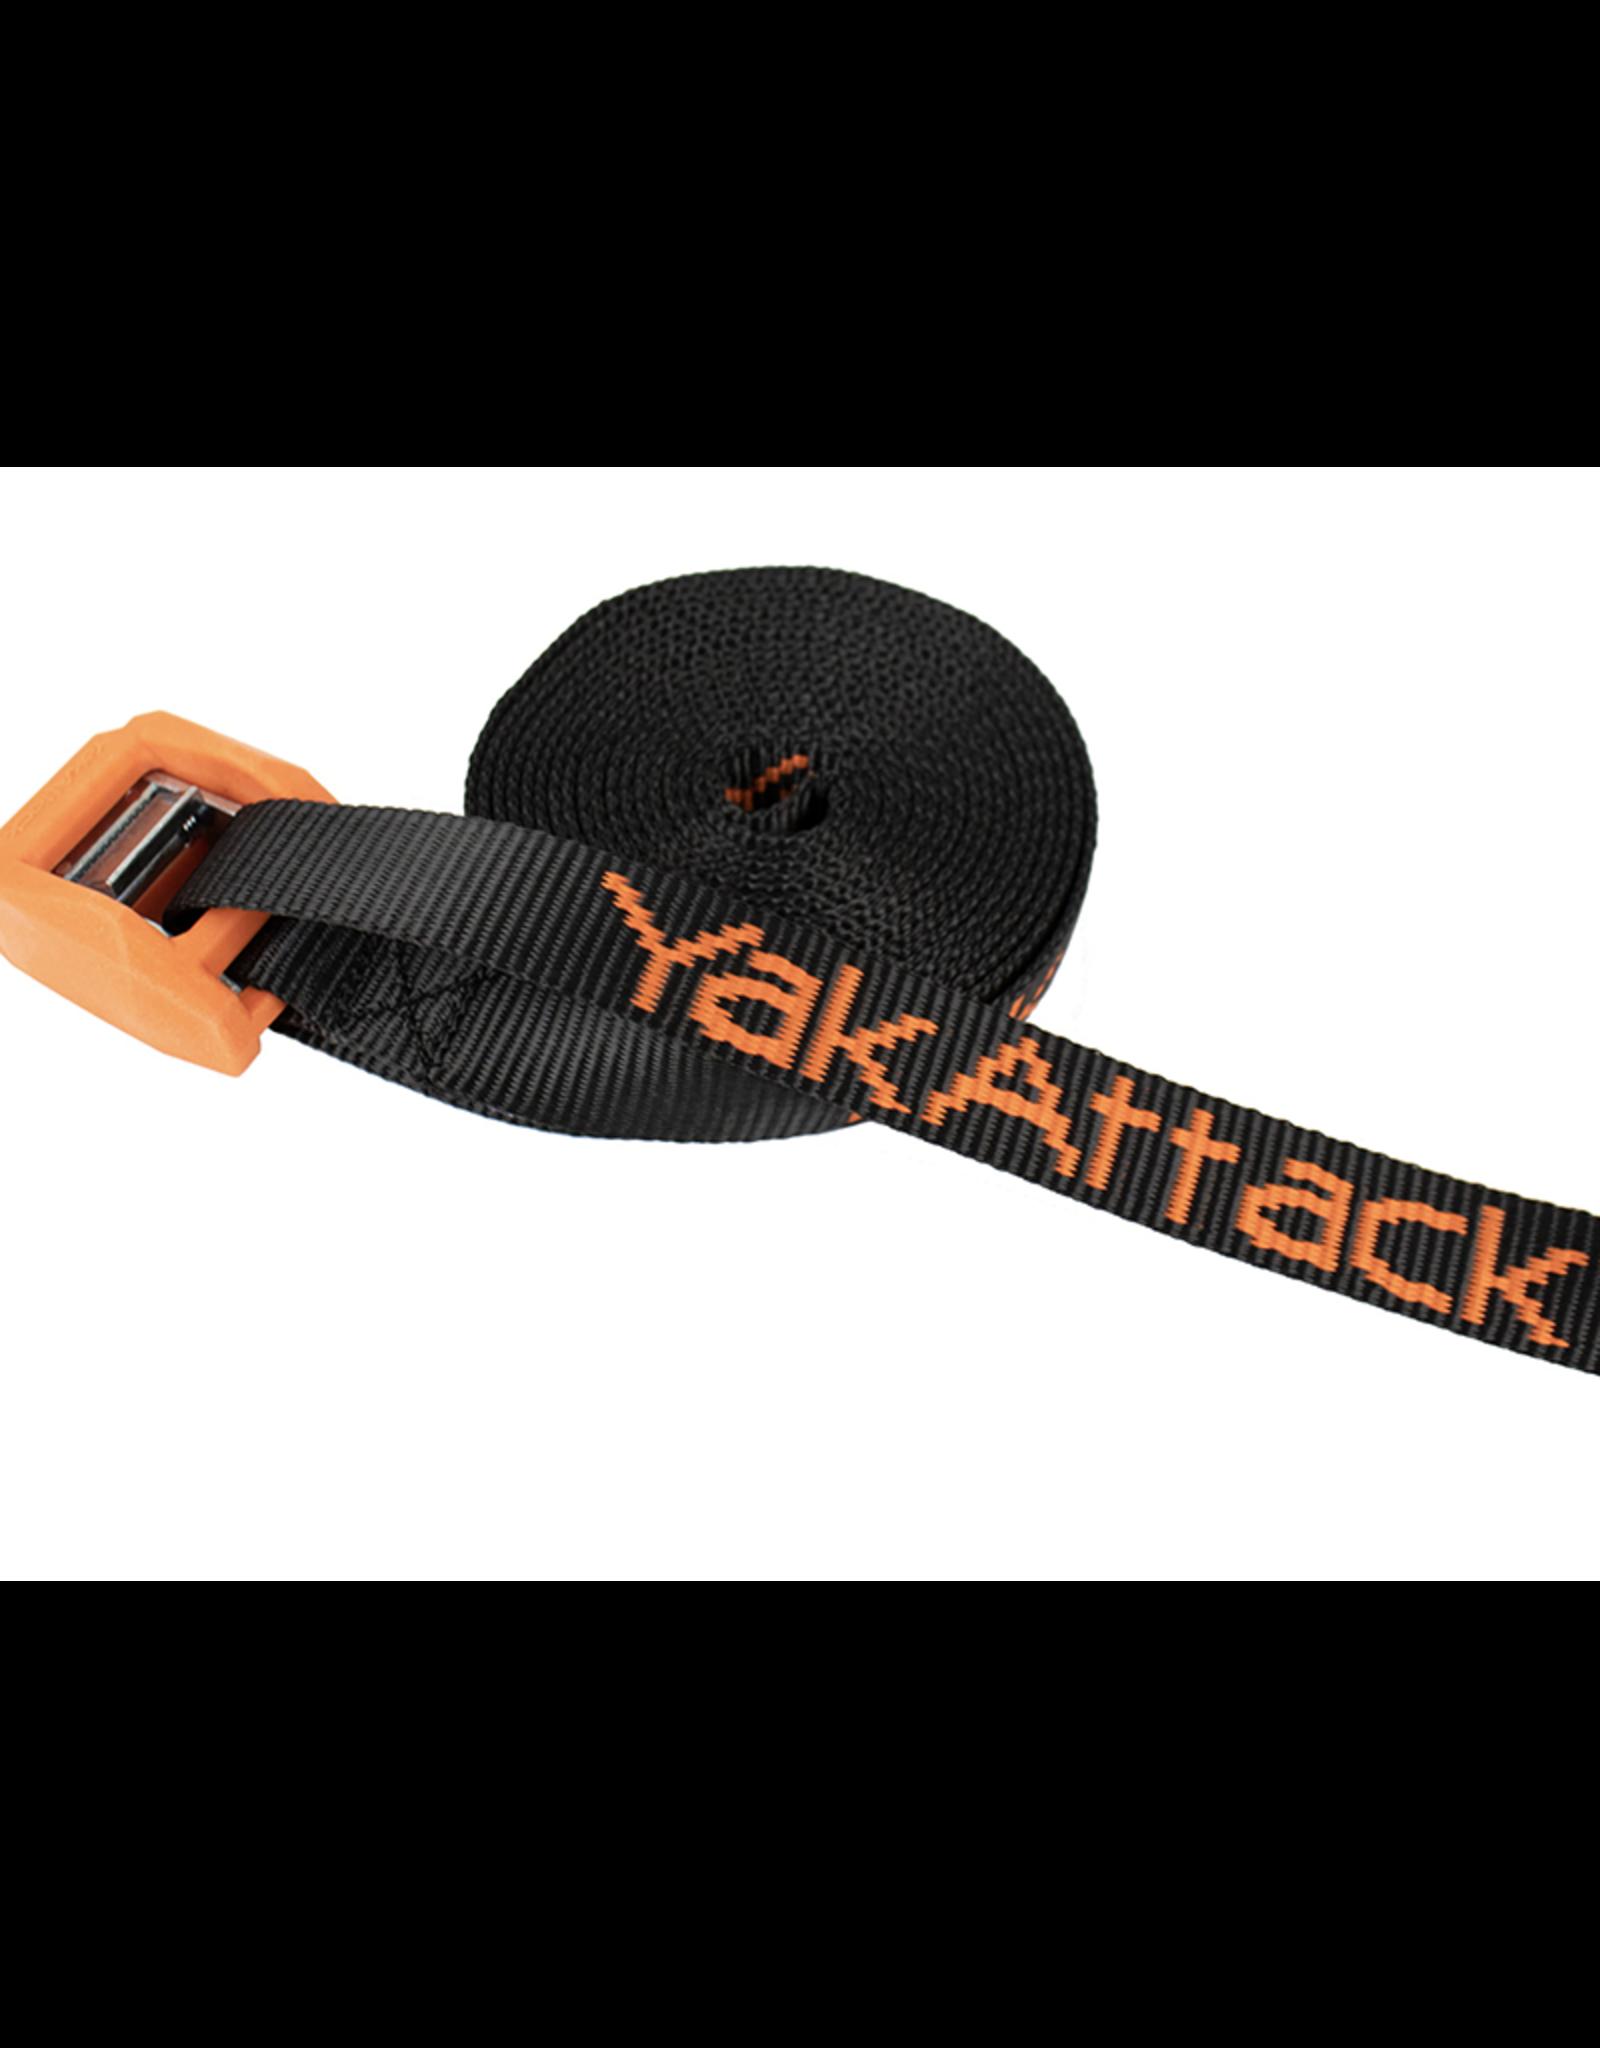 YakAttack 12' Logo Cam Straps: Pair